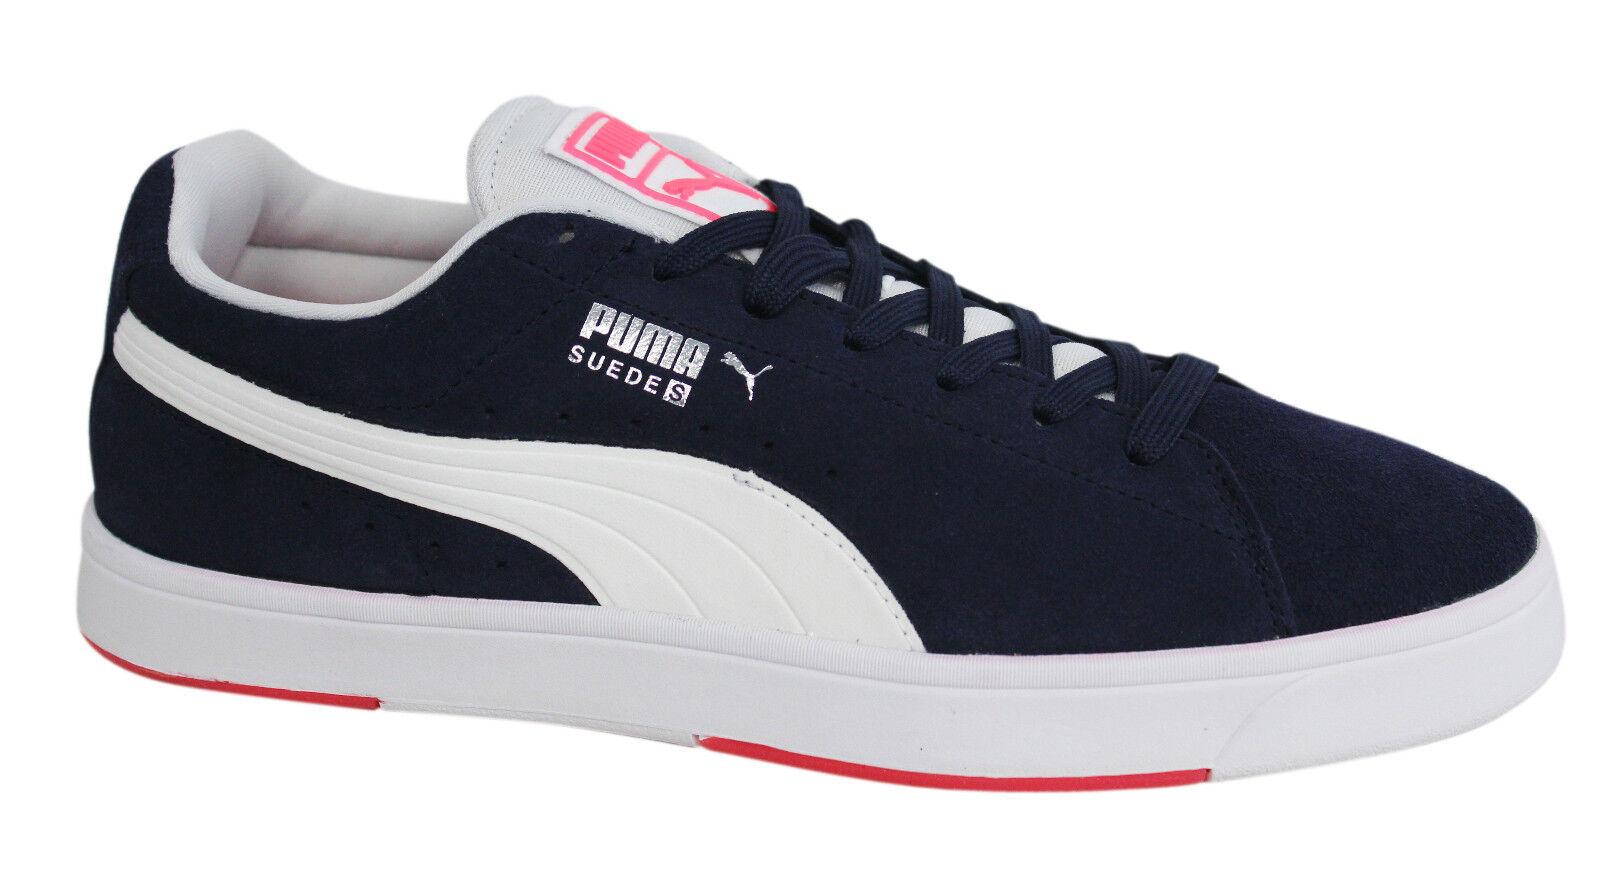 Detalles de Puma Gamuza S Con Cordones Zapatillas para hombre Azul Marino 356414 18 U106 ver título original